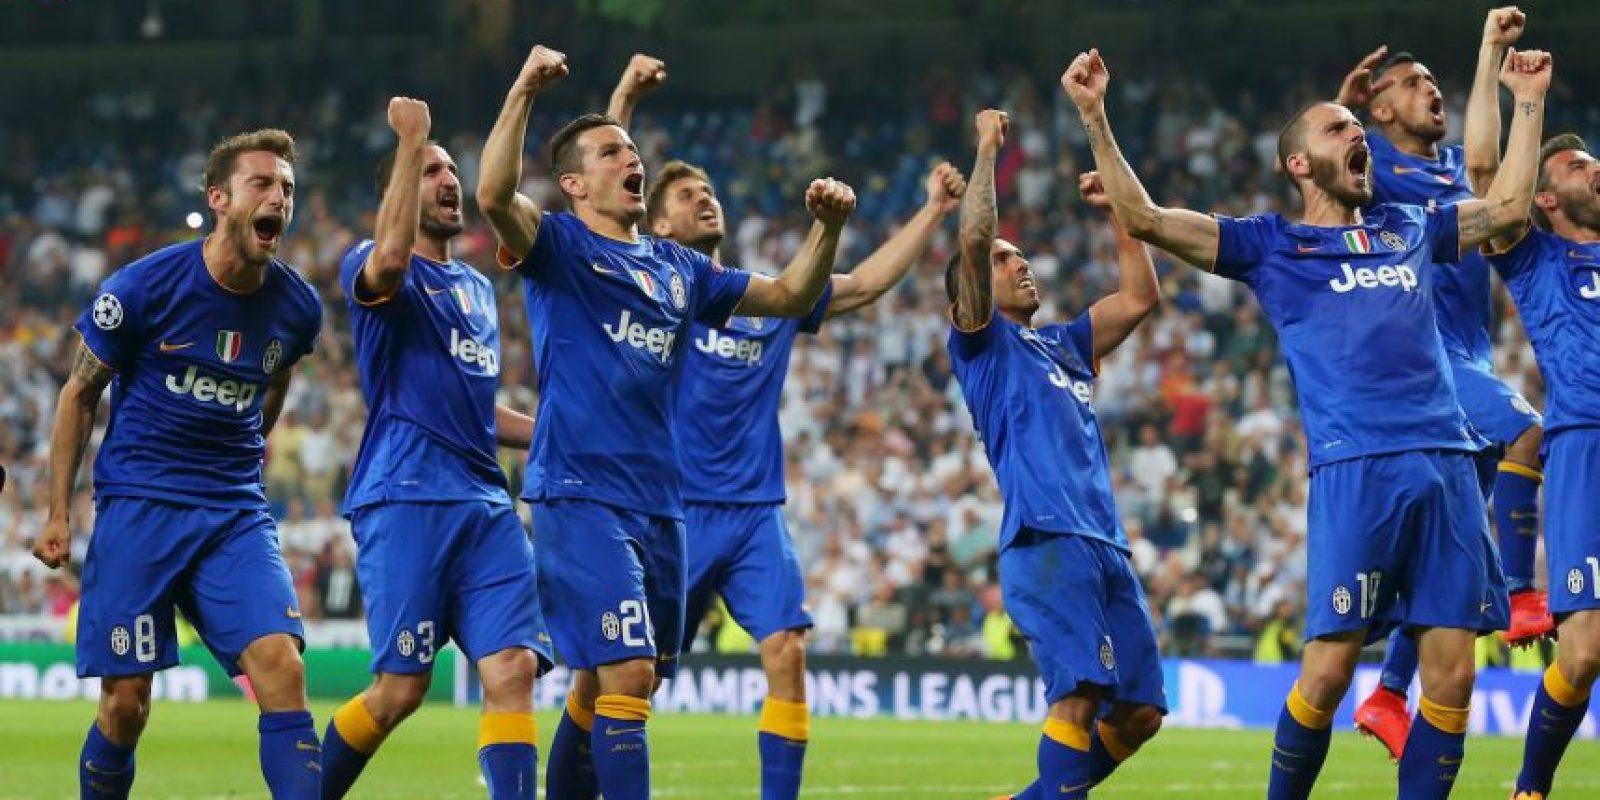 """Con un empate 1-1 en el Bernabéu, la """"Juve"""" venció 3-2 al Real Madrid en las semifinales y así, """"amarró"""" su boleto a Berlín. Foto:Getty Images"""